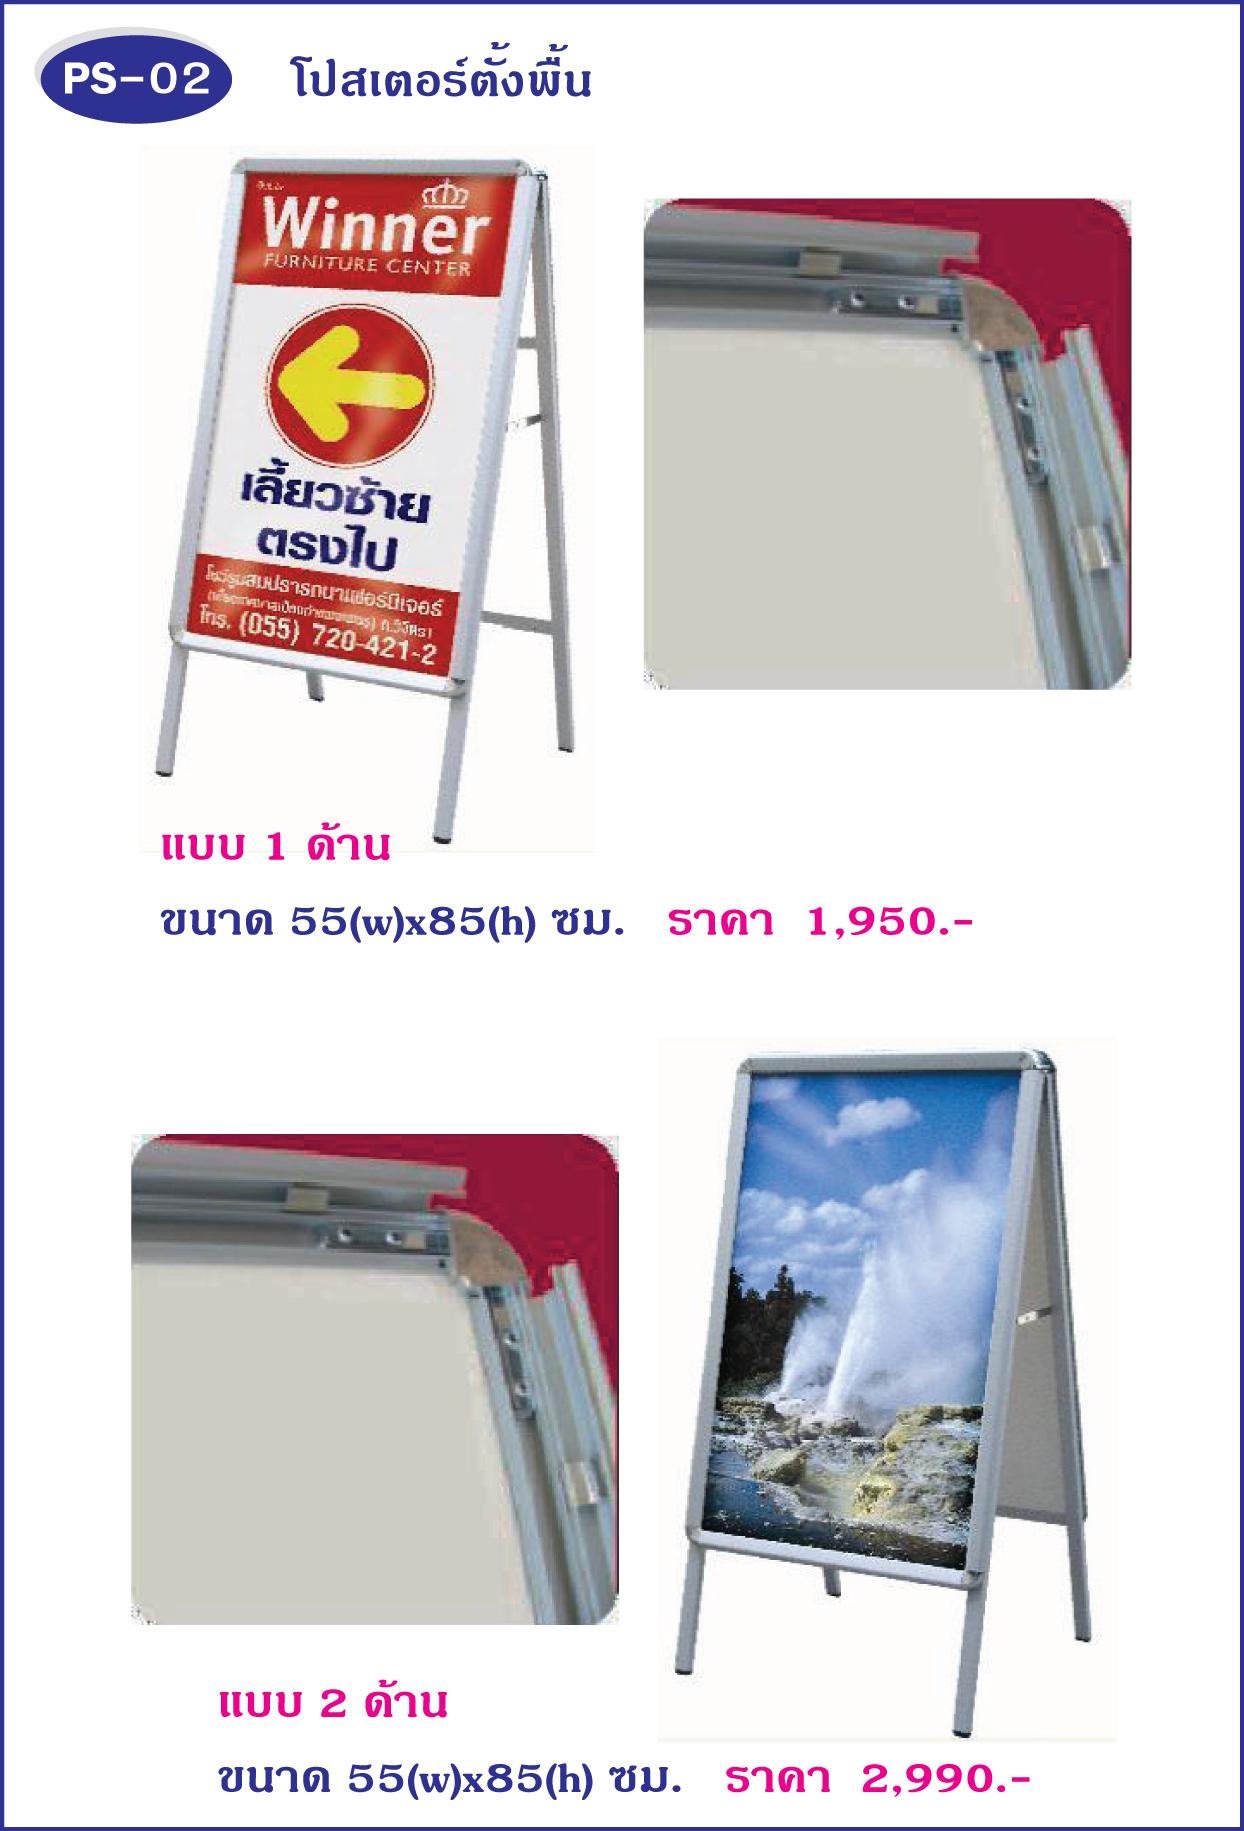 กรอบโปสเตอร์,กรอบใส่ภาพ,เฟรมใส่ภาพ,Poster Frame,Poster stand,PS02